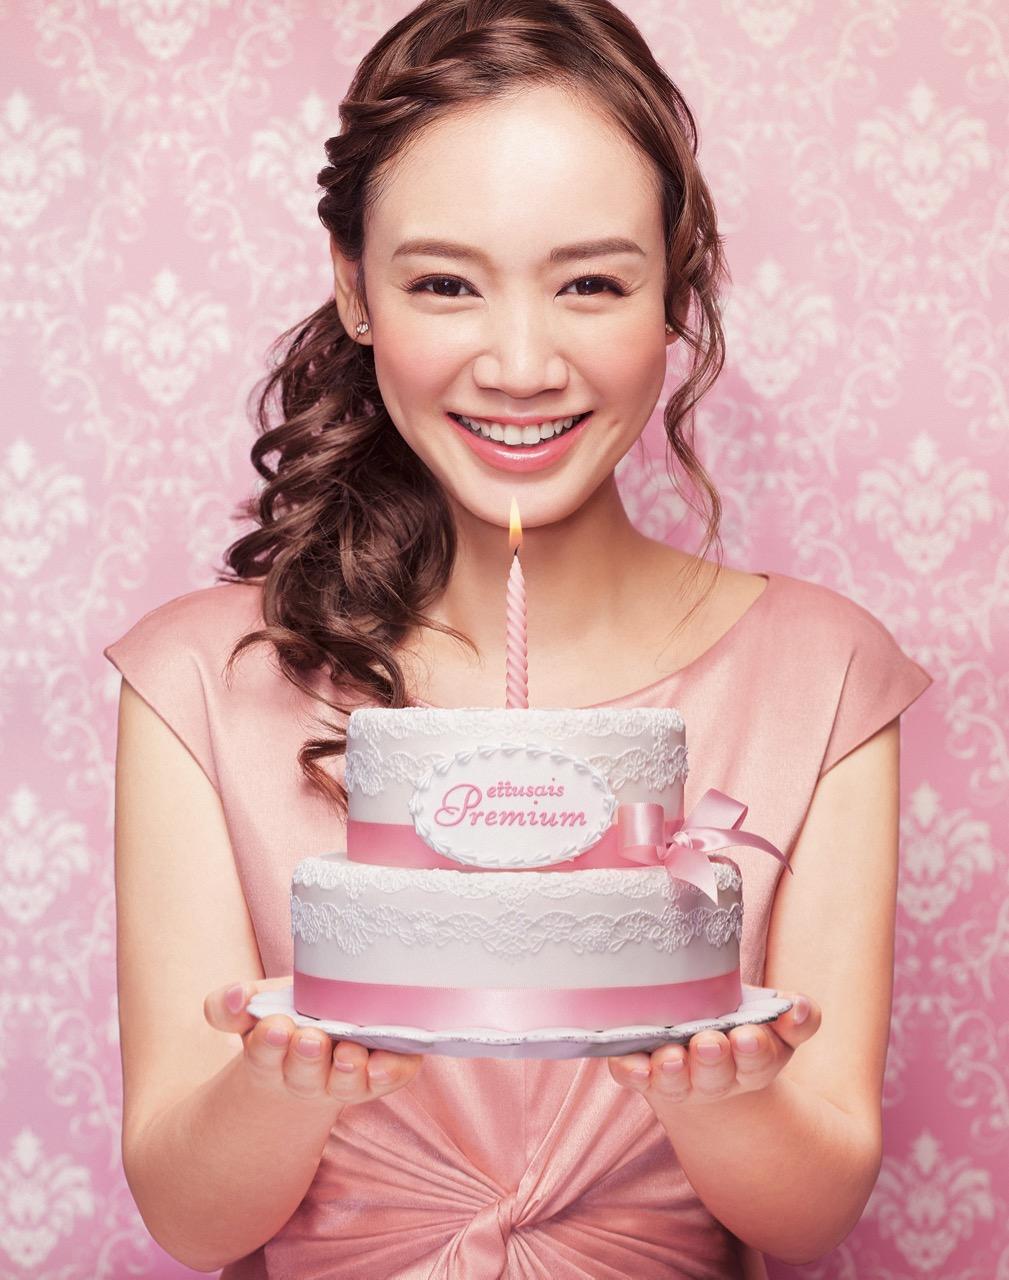 ettusais cake